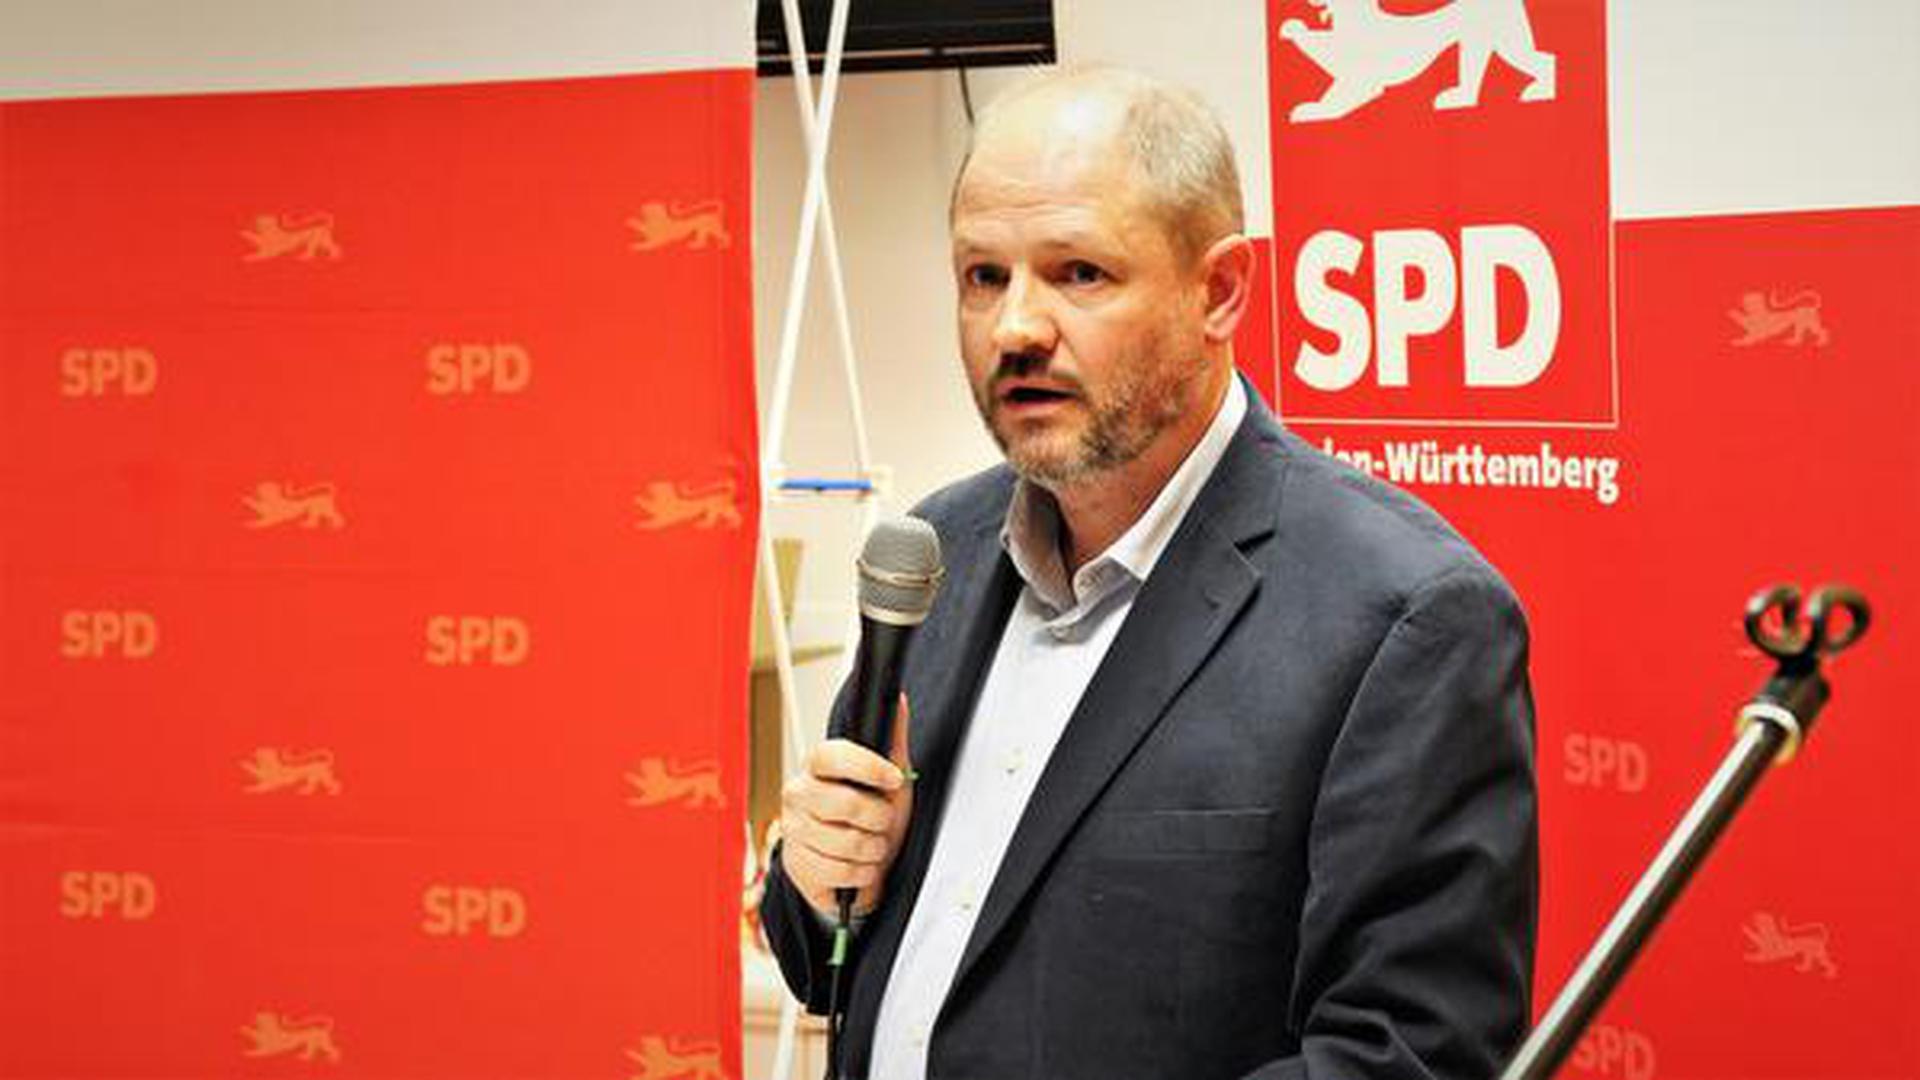 Ein Mann im Anzug steht mit Mikrofon vor einer rot-weißen SPD-Stellwand.